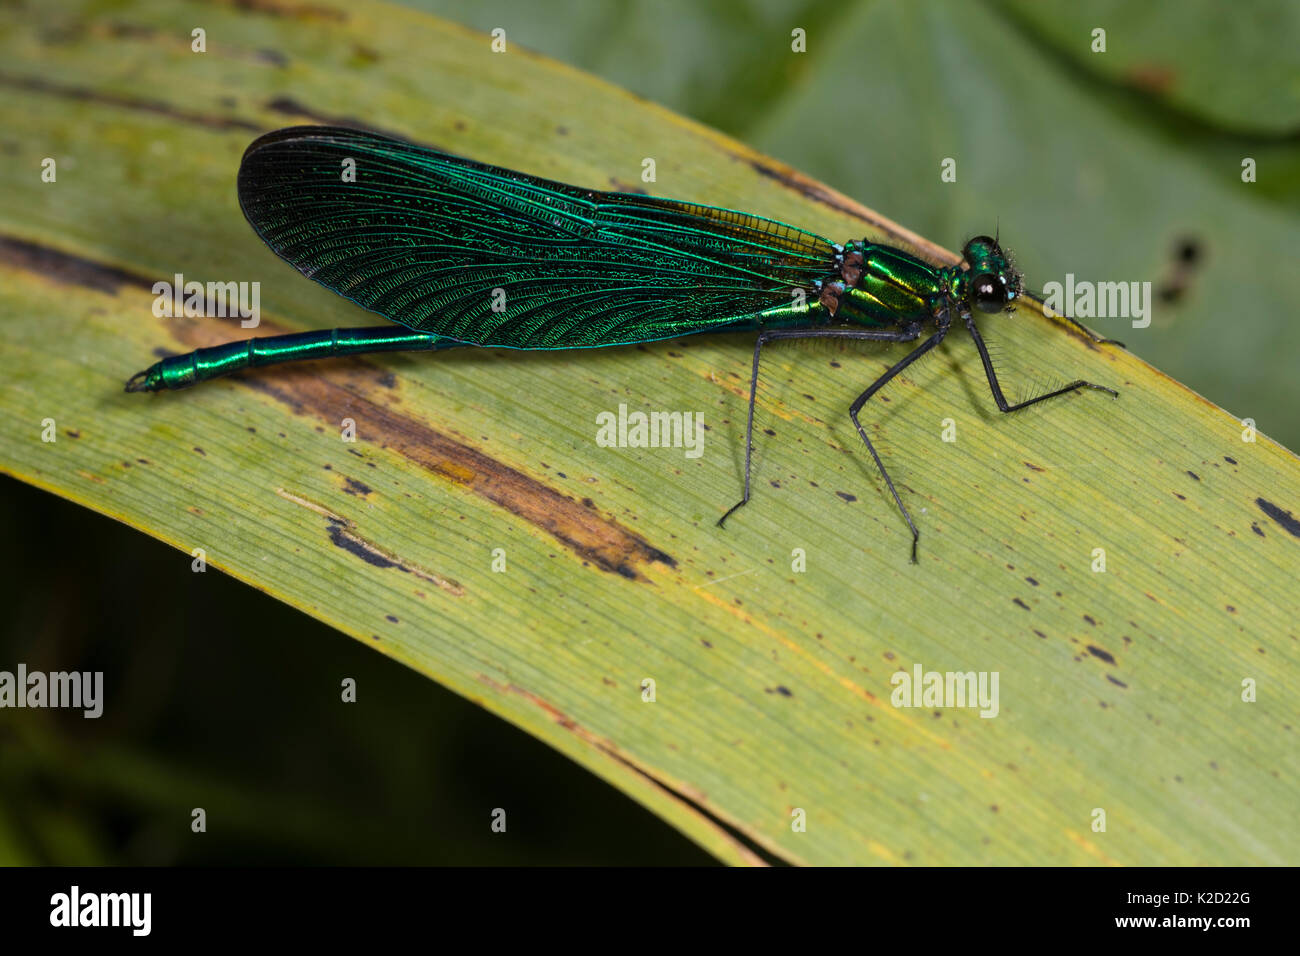 Reife männliche Schöne demoiselle damselfly, Calopteryx Virgo, Anzeigen iridiscent Blau-grüne Färbung auf Körper und Flügel Stockbild